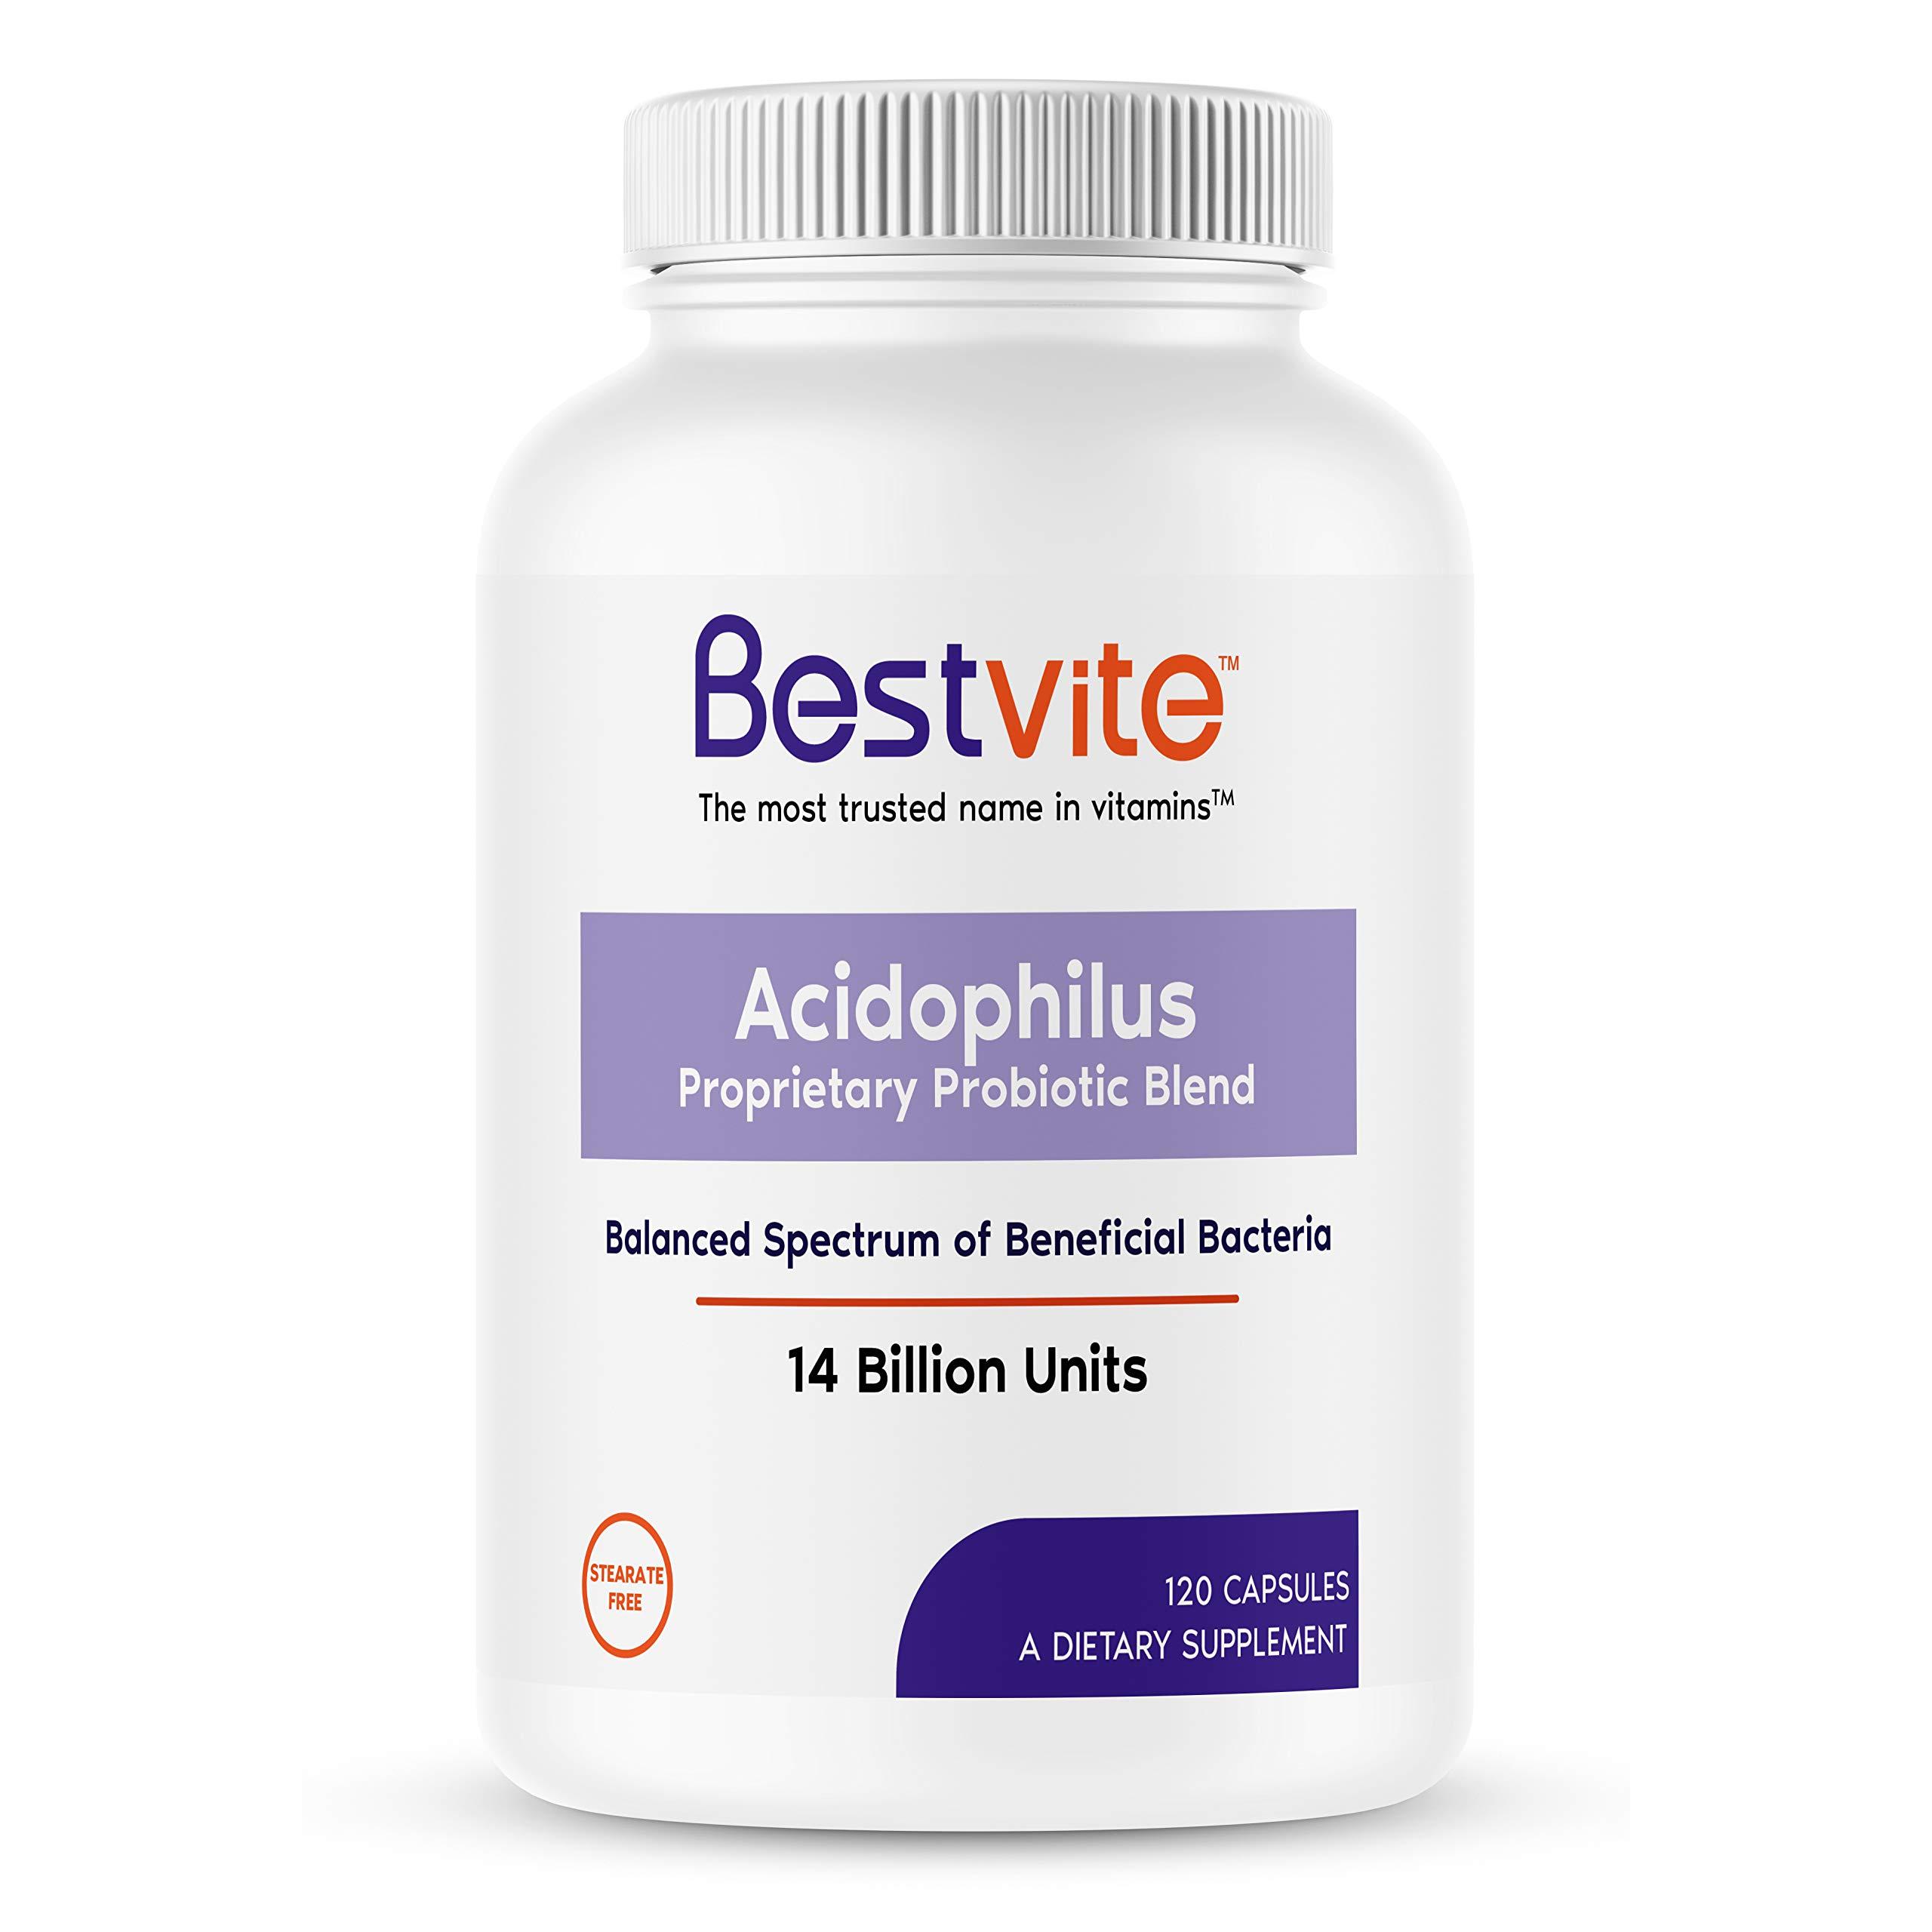 Acidophilus 14 Billion Units (120 Capsules)